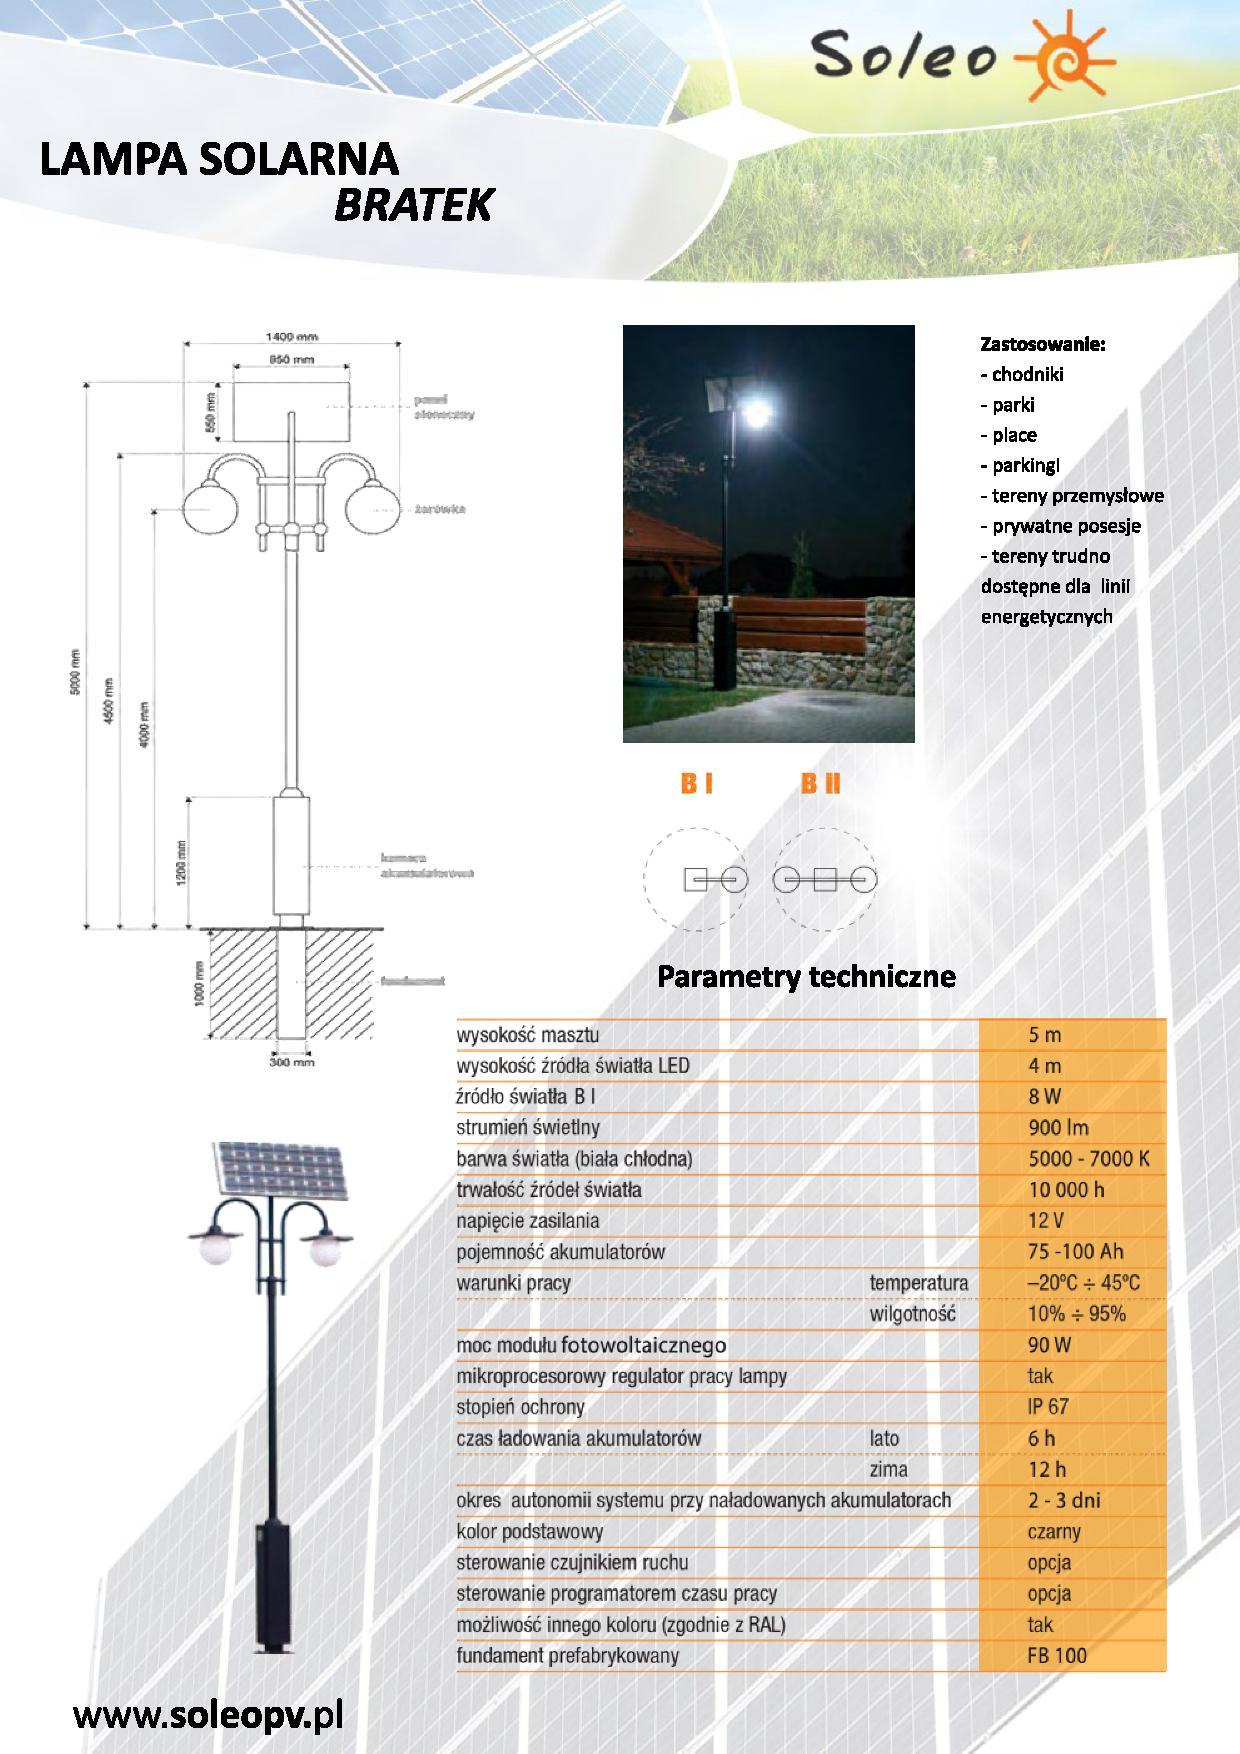 Lampa solarna Bratek